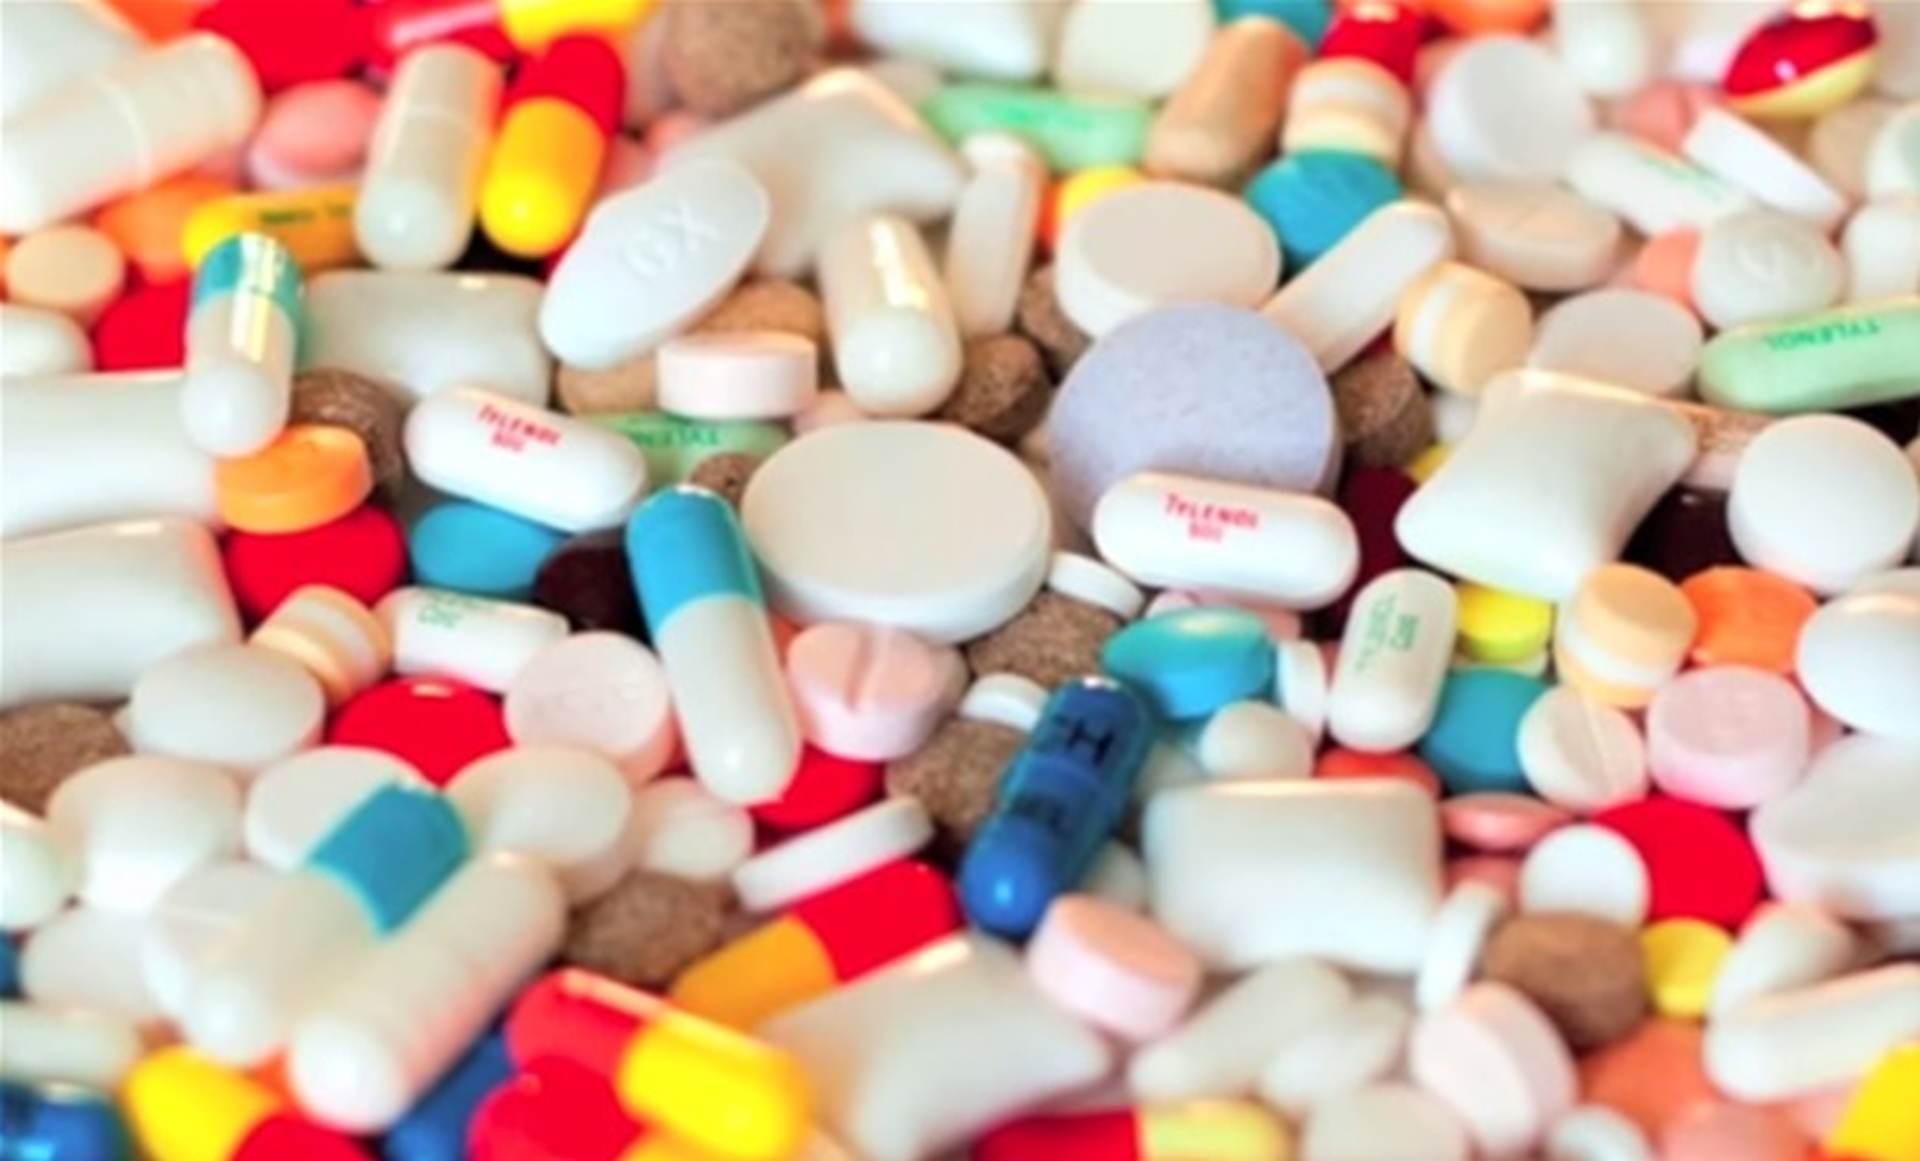 ISTRAŽIVANJE Dugotrajno korištenje inhibitora povećava rizik za demenciju